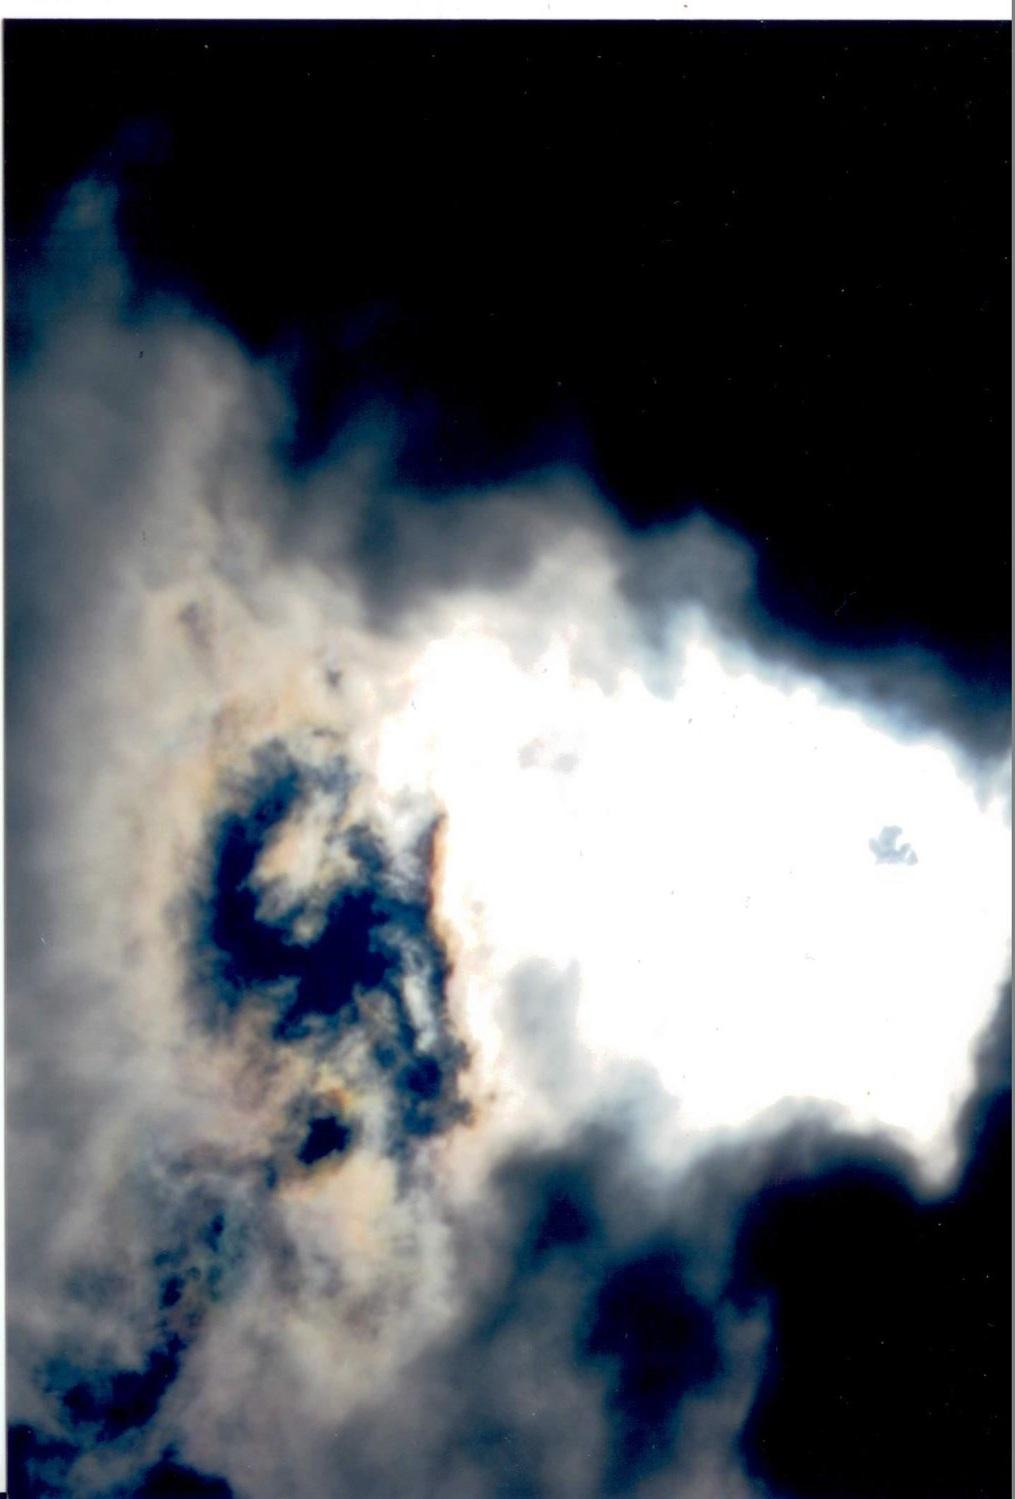 Qui ci sono massamigliani altri spiriti che anche sono molti famosi guerrieri nell'occultismo. Cari nemici vi prego di fermare il male che fate agli altri. Altrimenti DIO UNIVERSALE distrugge voi e le vostre famiglie, avete capito bene?